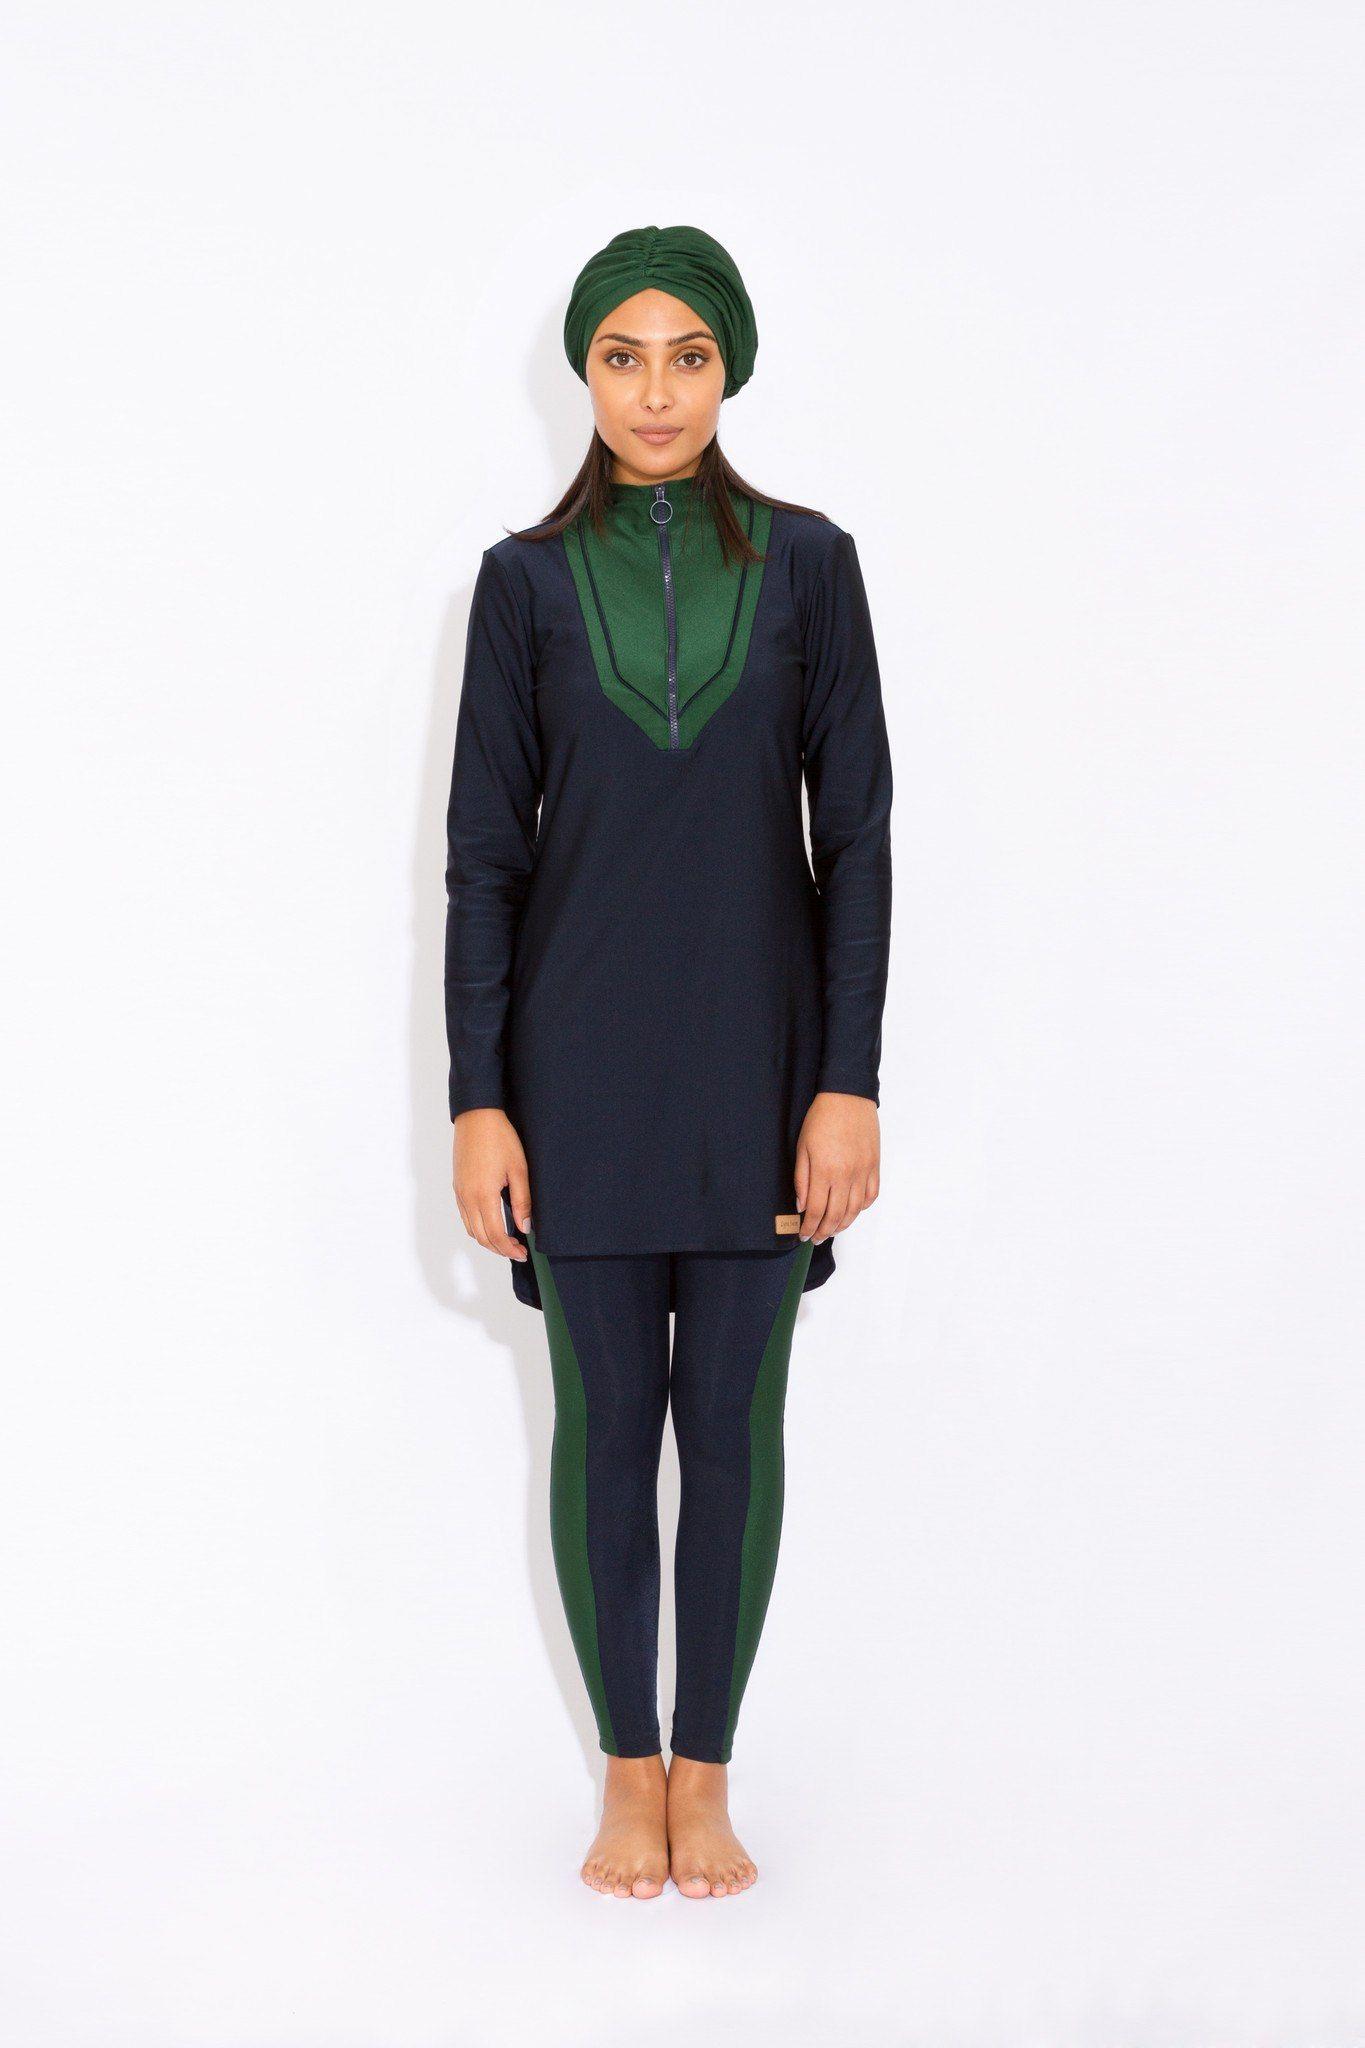 edd3f22d95536 Modest Swimwear, Burkini, Burqini, Burkinni, Modest Swimsuit, Islamic  Swimwear, LYRA Swimwear, Hijabi Swimwear, LYRA,